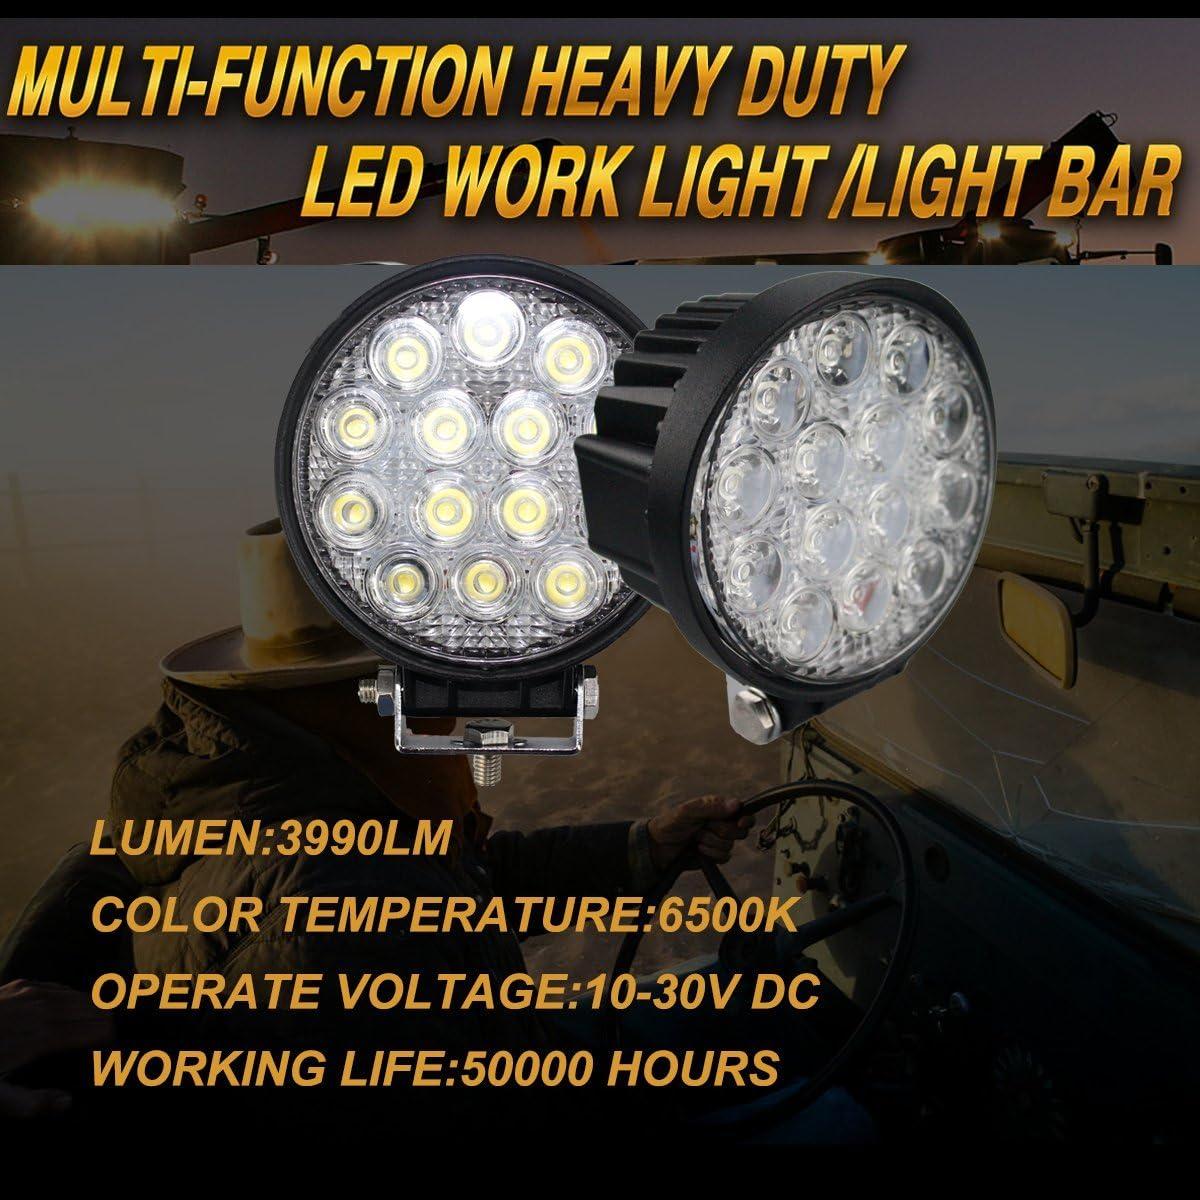 BRIGHTUM 42W LED Faro de trabajo FOCO offroad cami/òn L/ámpara de inundaci/ón work light Redonda 12V 24V 4 pieza